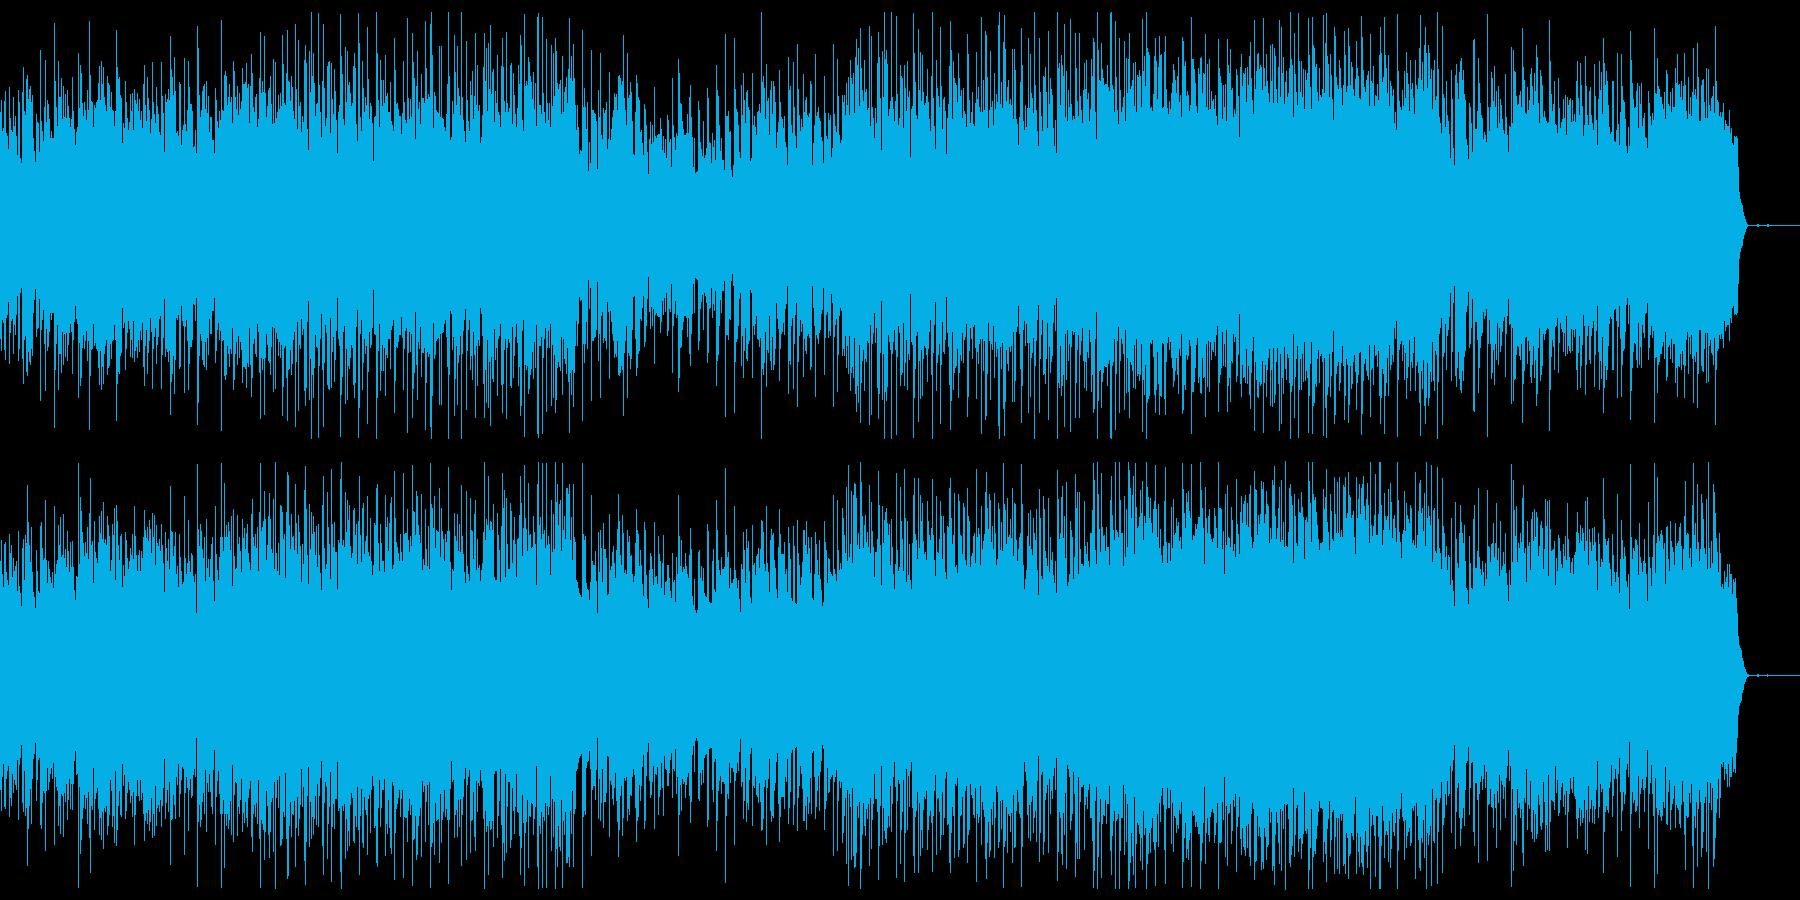 かっこいい老人の映像・おしゃれサックスの再生済みの波形